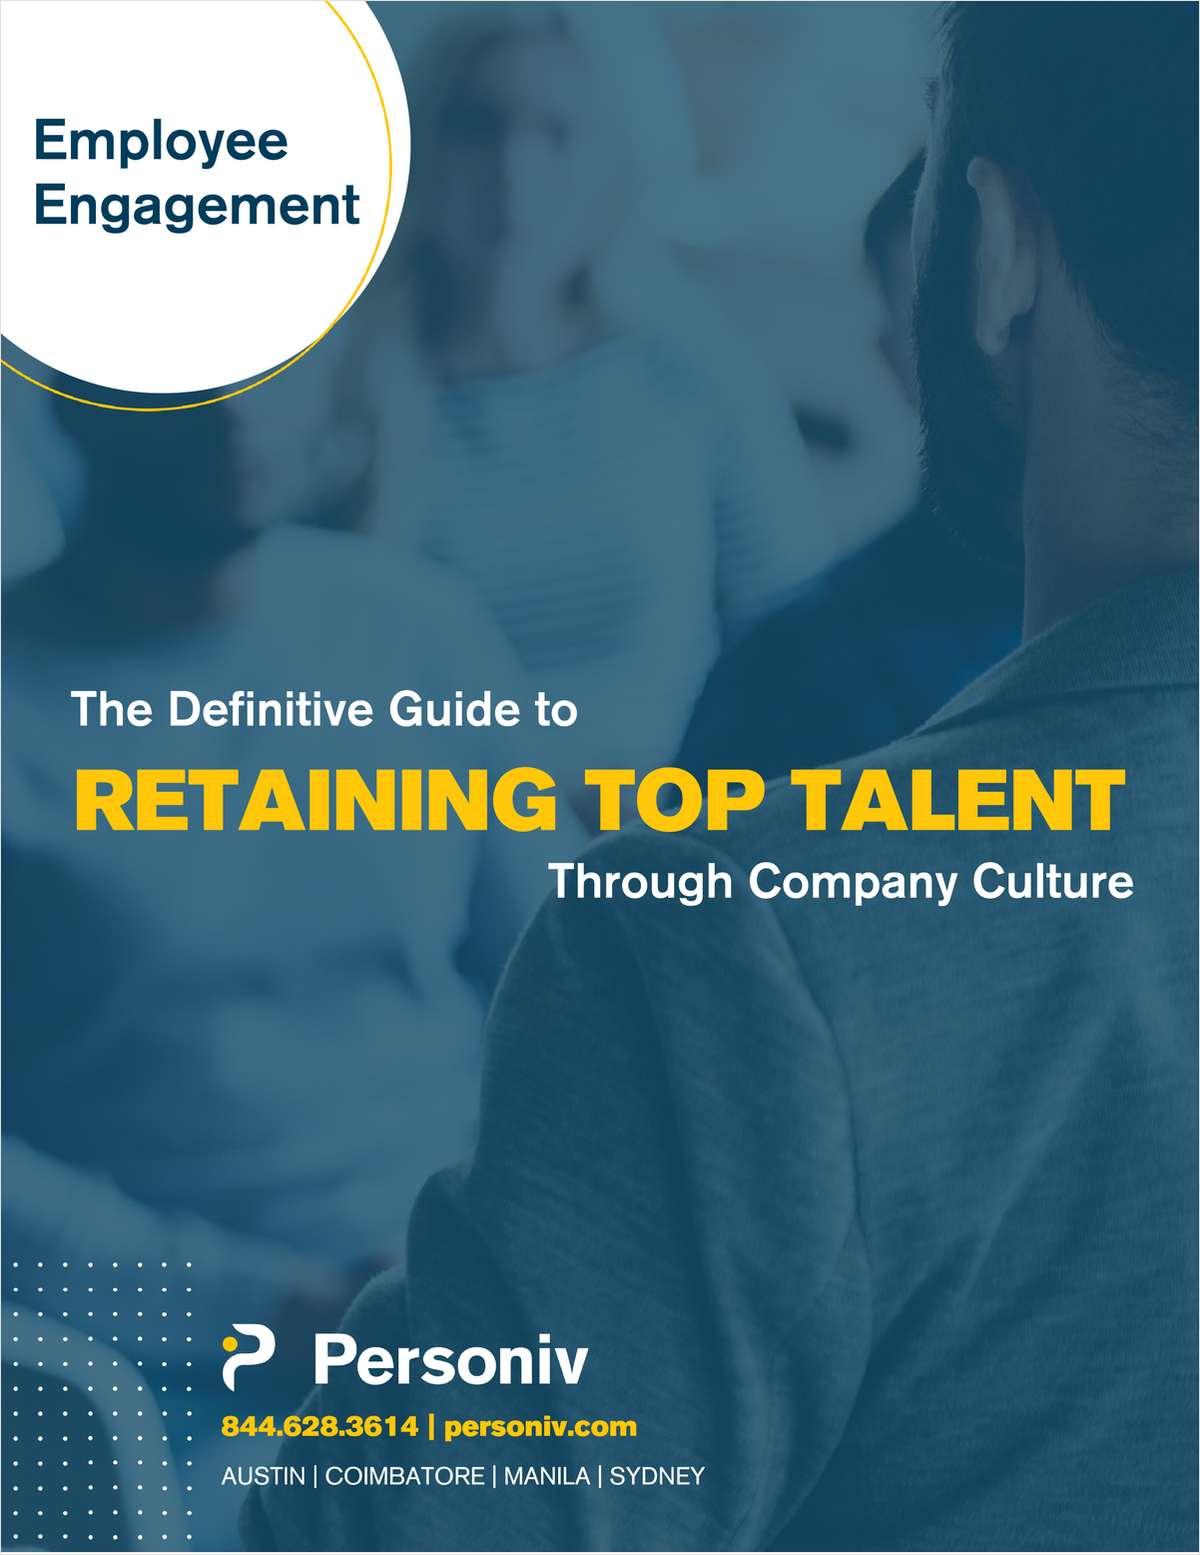 Employe Engagement Strategies